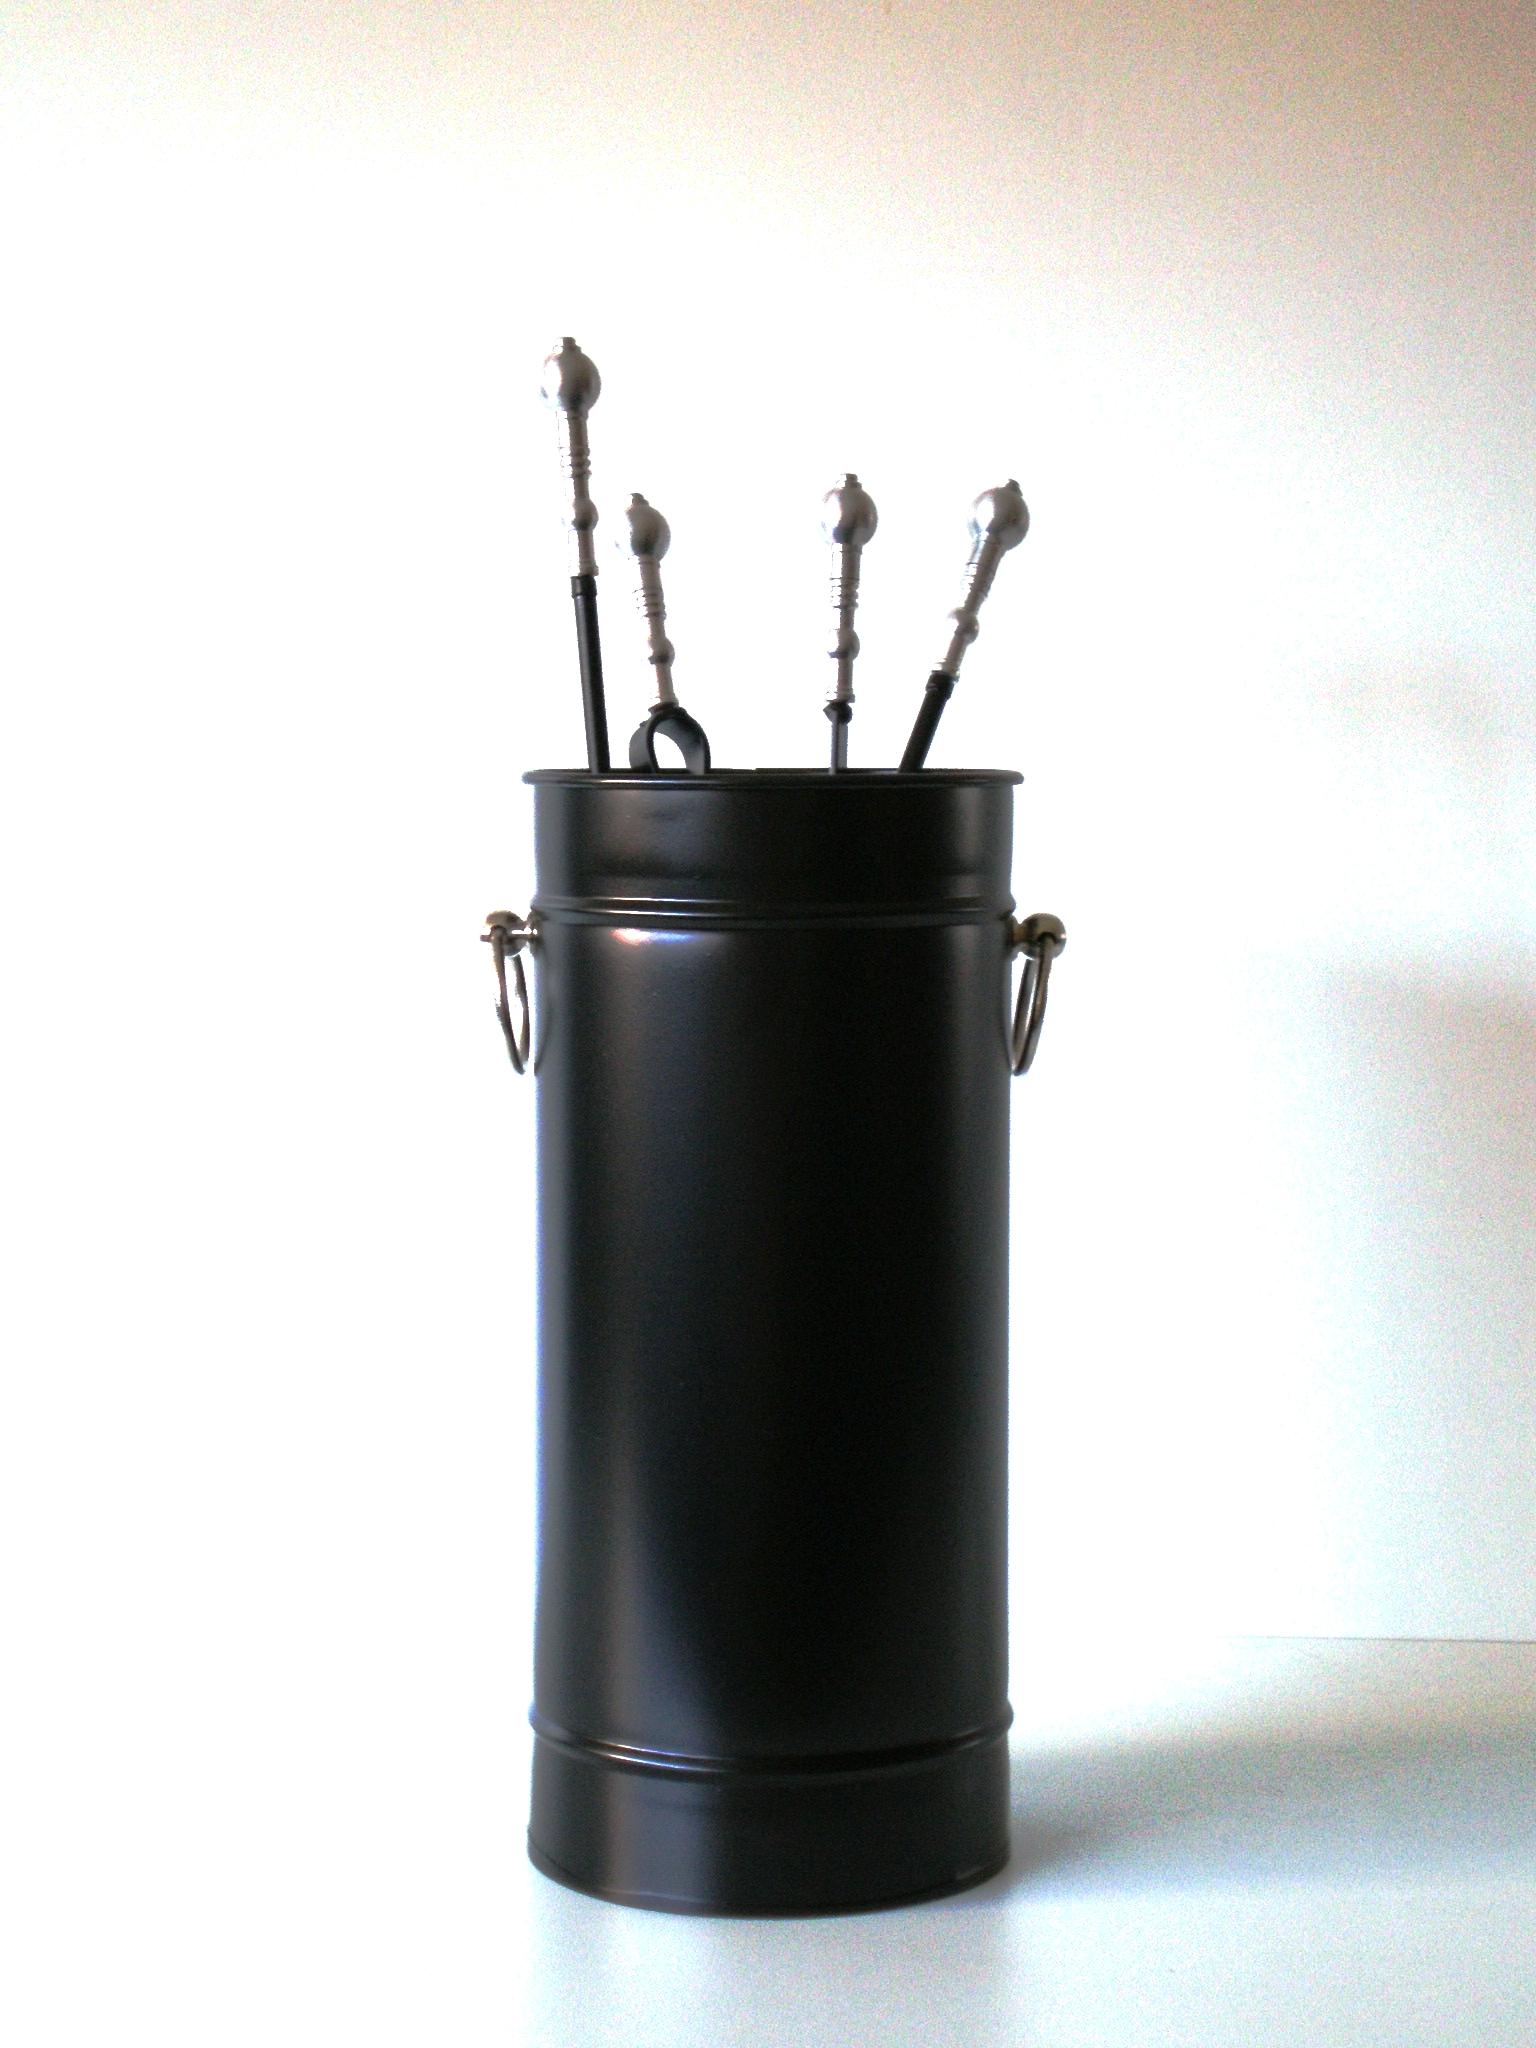 Κρεμανταλάς Κουβαδάκι «Μαύρο Μπίλια Inox» – Β – 3-115 ΜΑΥΡΟ ΜΠΙΛΙΑ INOX